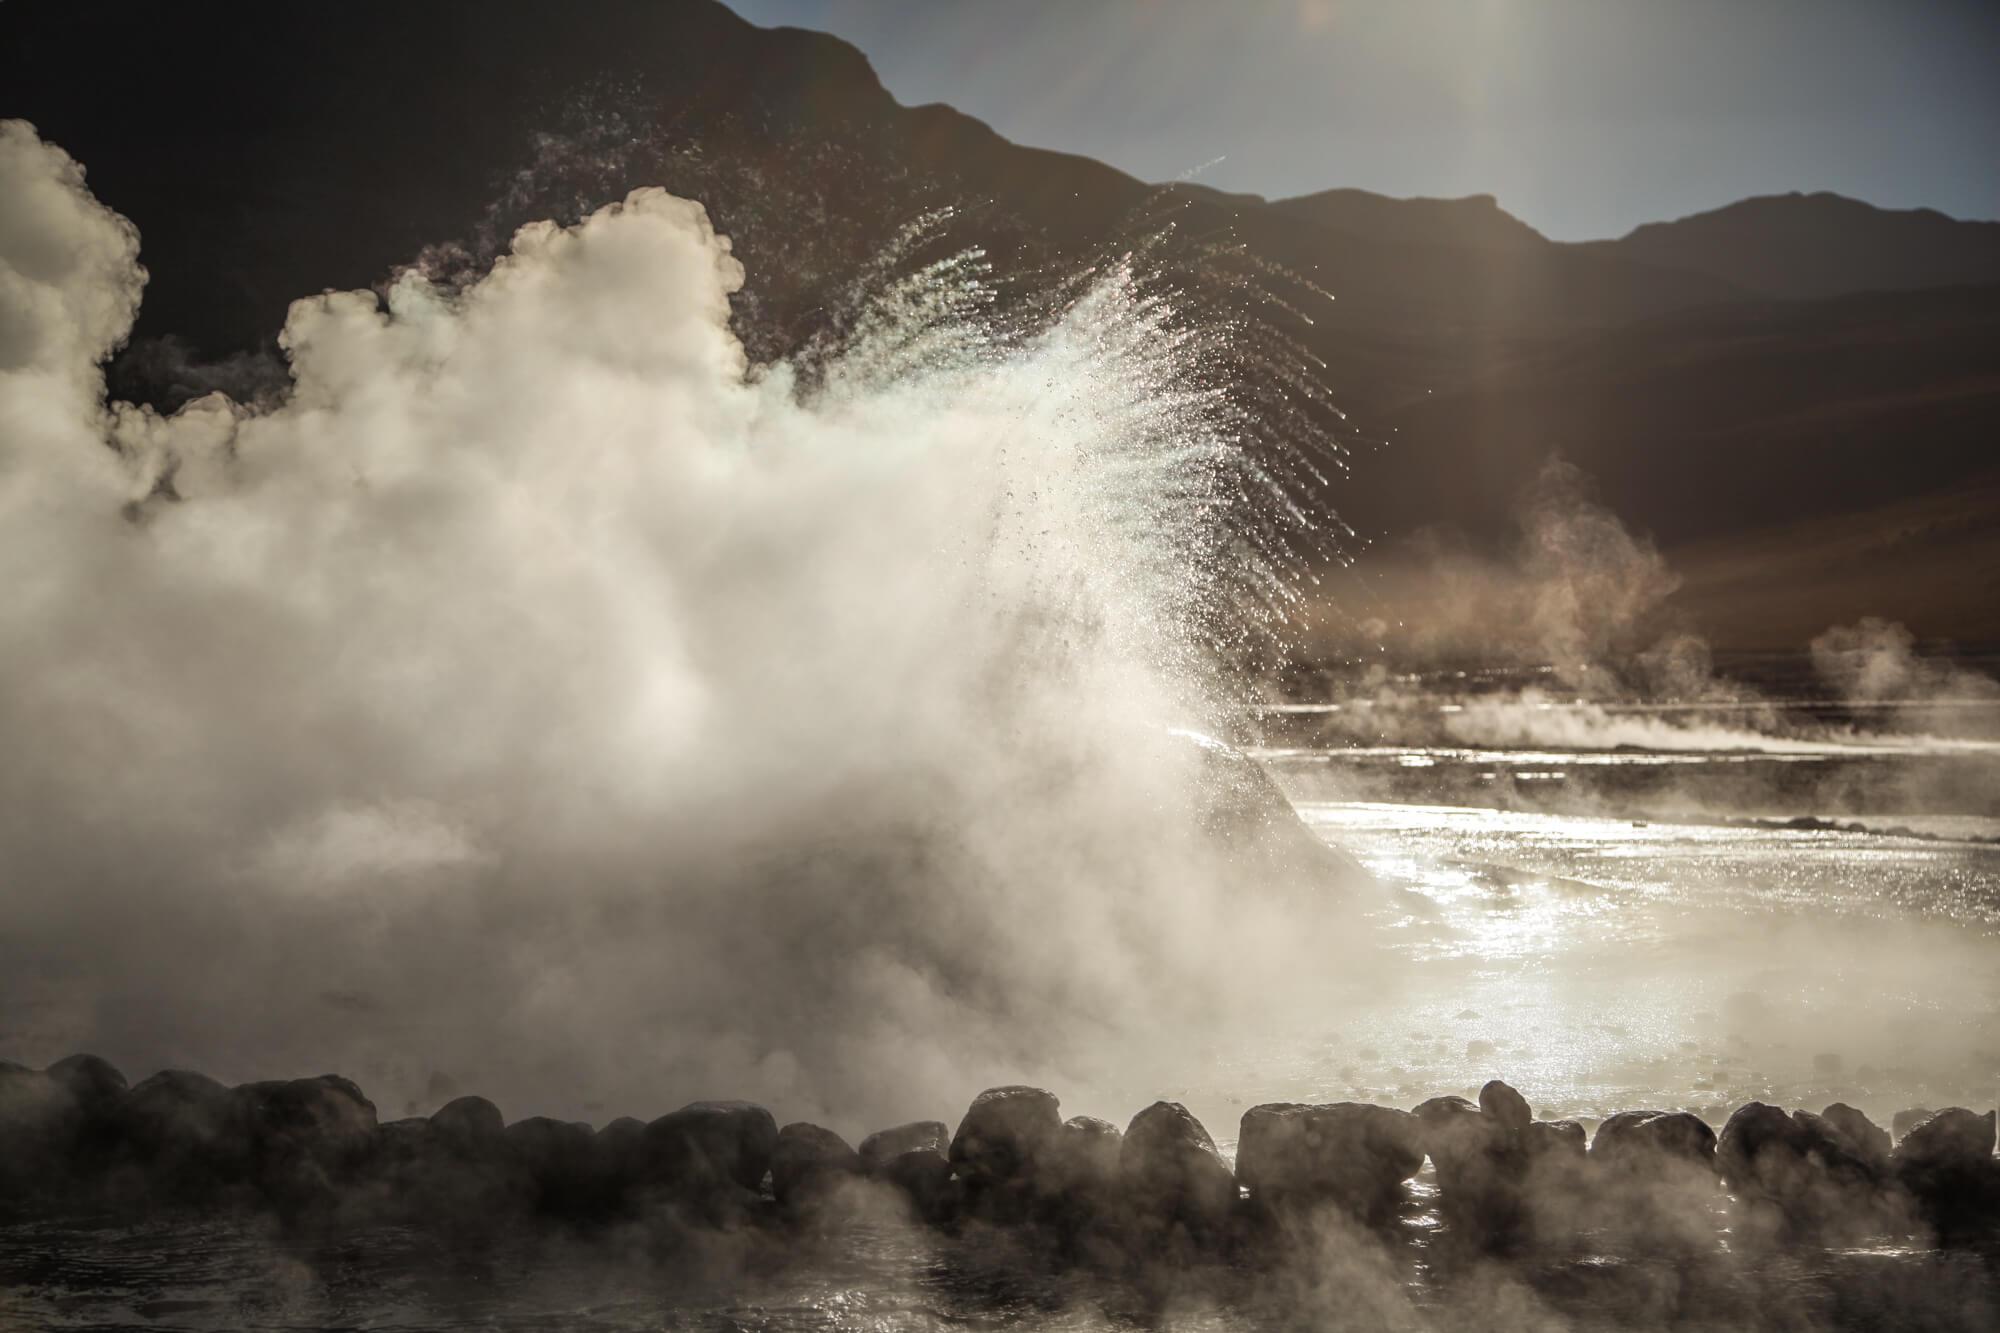 geysers exploding El Tatio